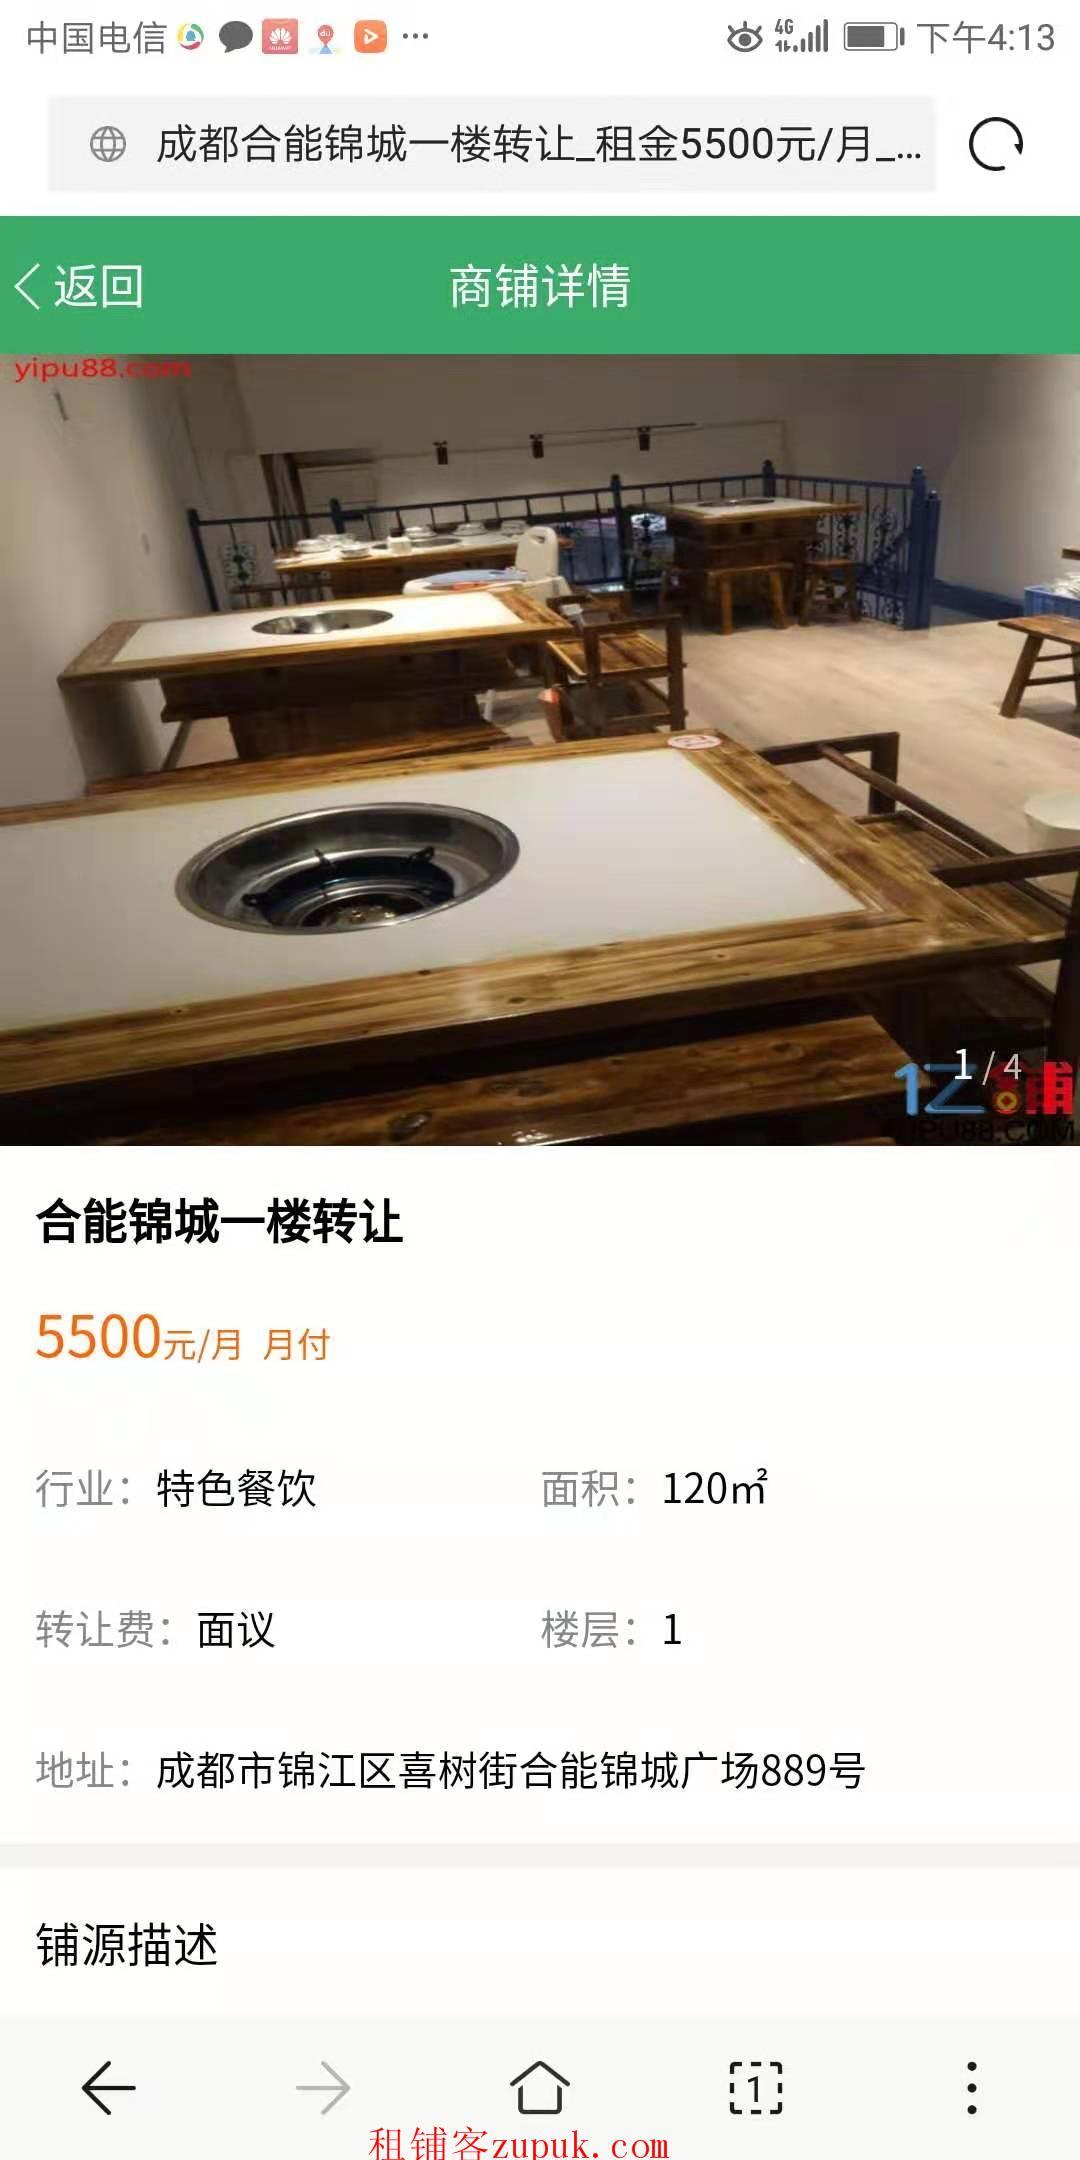 锦江区锦江大道889号